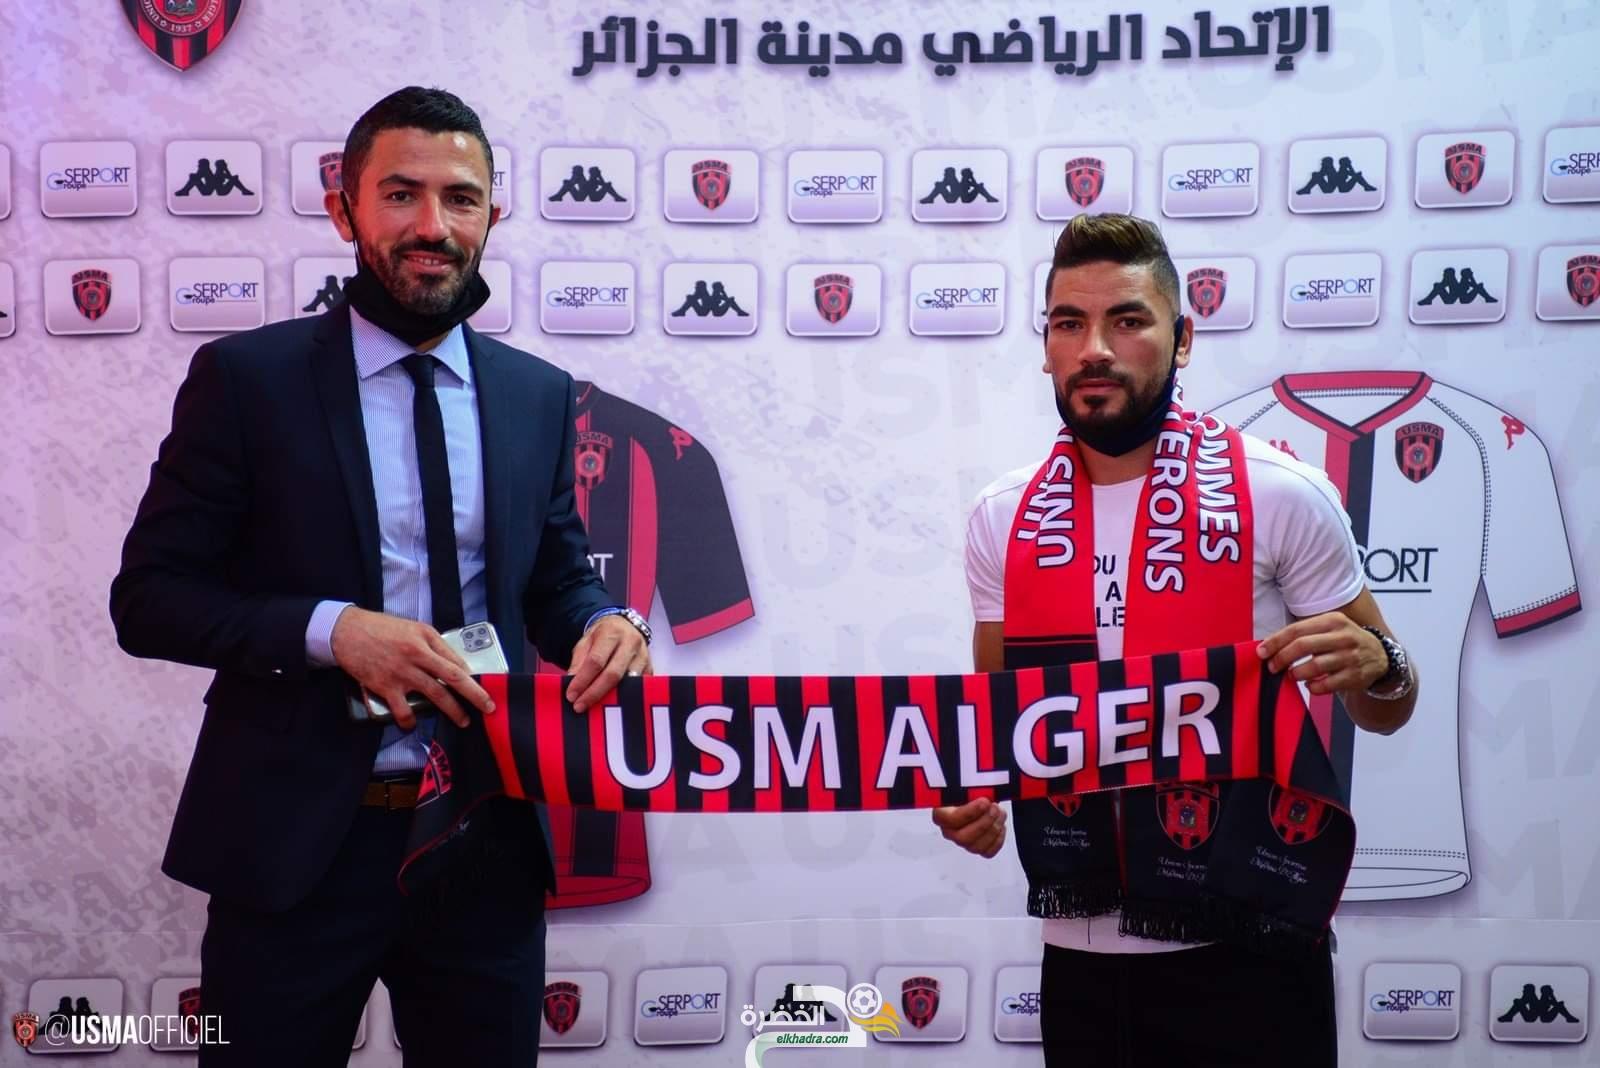 اتحاد العاصمة يتعاقد مع اللاعب مصطفى بوشينة في صفقة انتقال حر 24